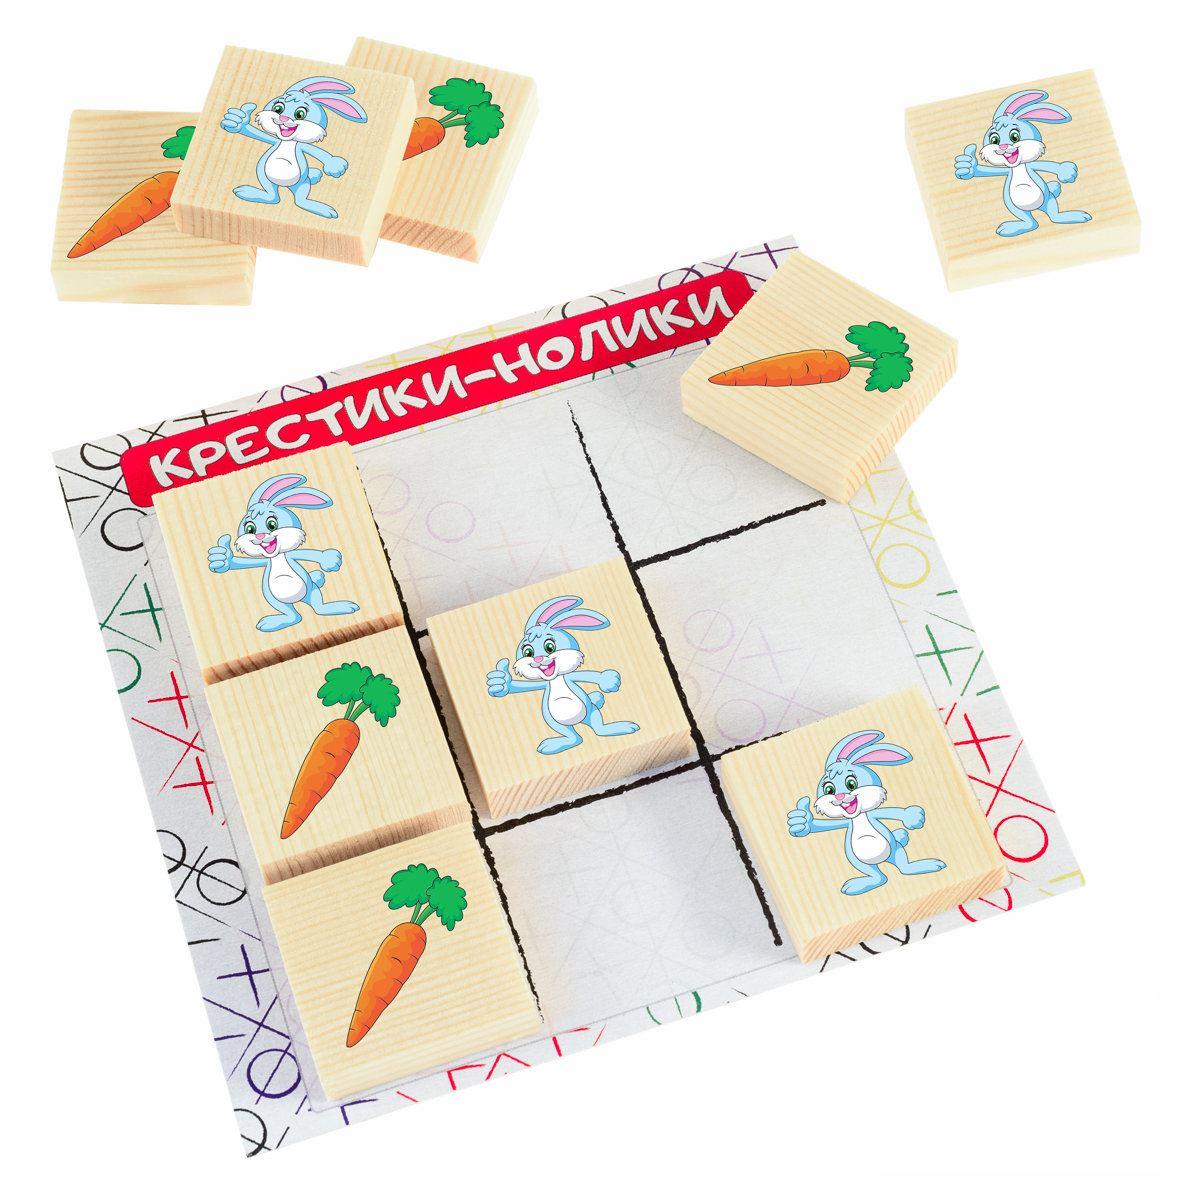 Купить Крестики-нолики Зайчик и морковка, Крестики-нолики Анданте Зайчик и морковка (развивающая игра, 10 фишек, RDI-D523a),